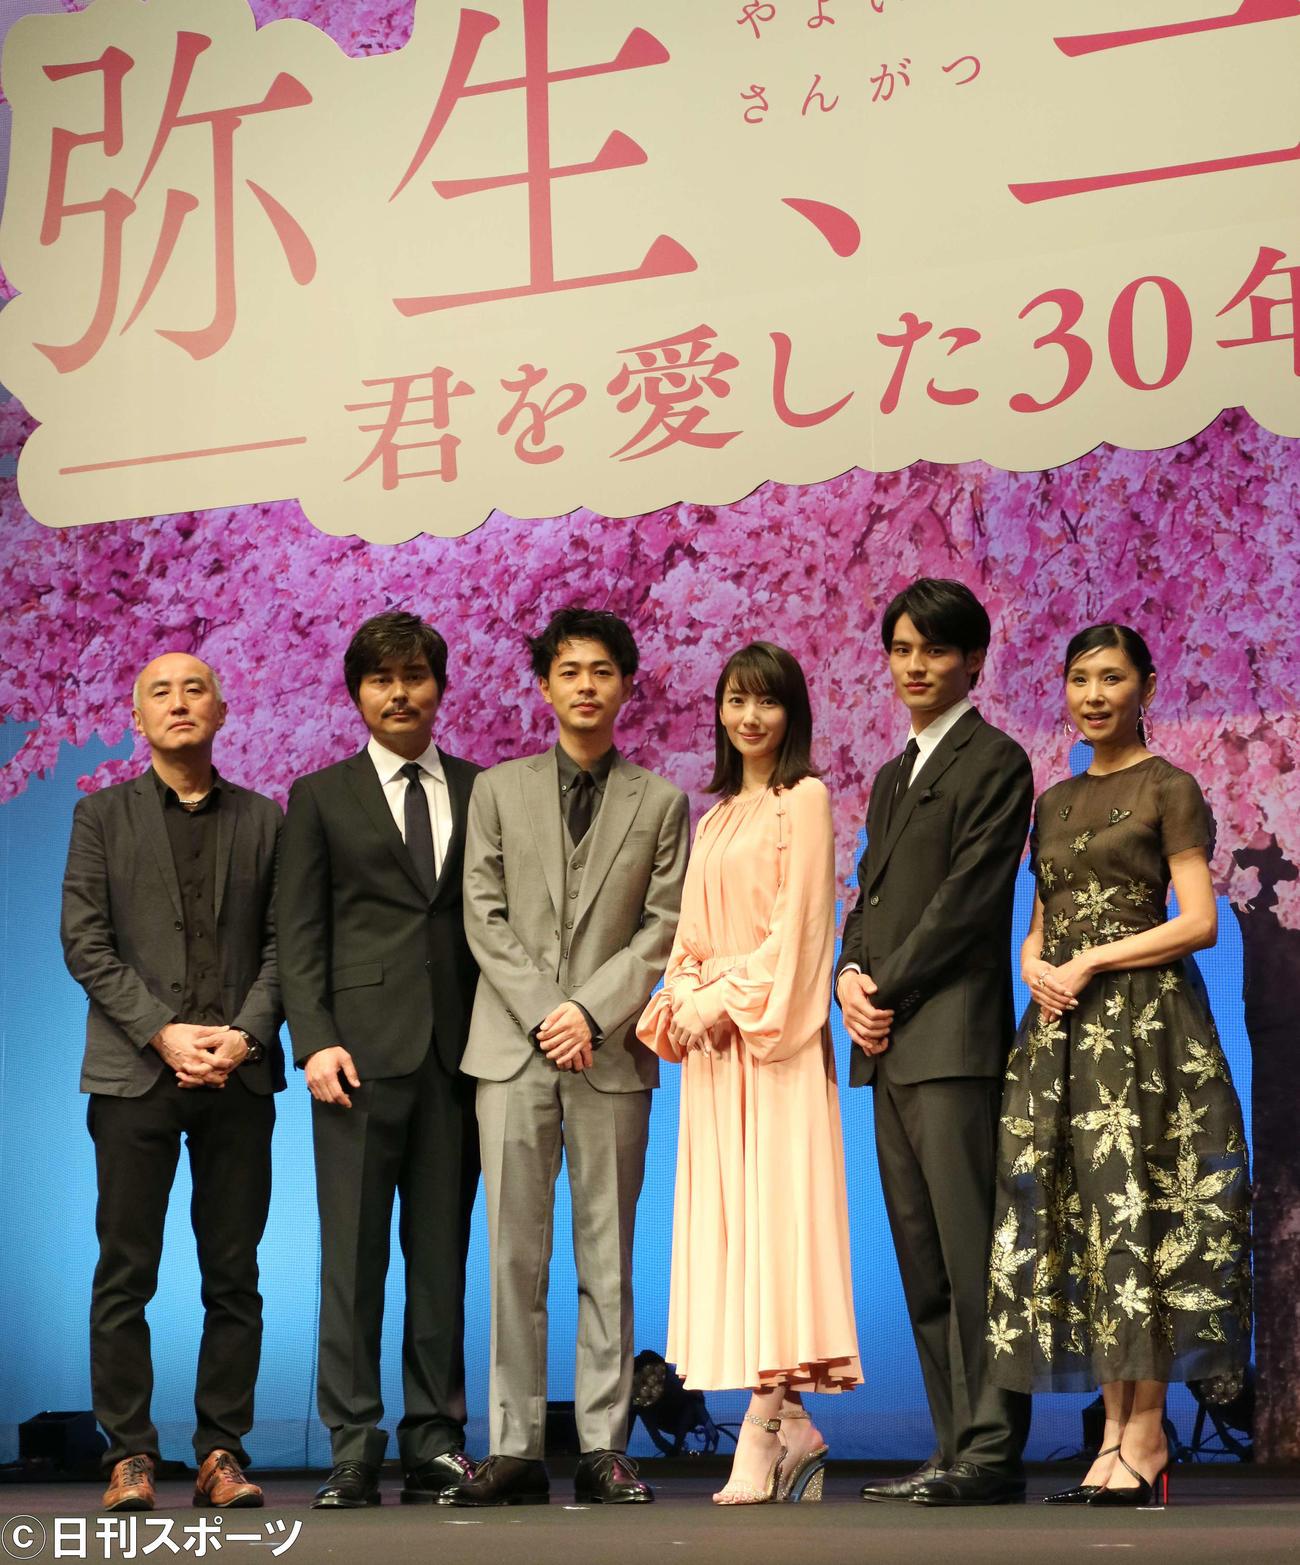 映画「弥生、三月 -君を愛した30年-」の完成試写会に出席した、左から遊川和彦監督、小沢征悦、成田凌、波瑠、岡田健史、黒木瞳